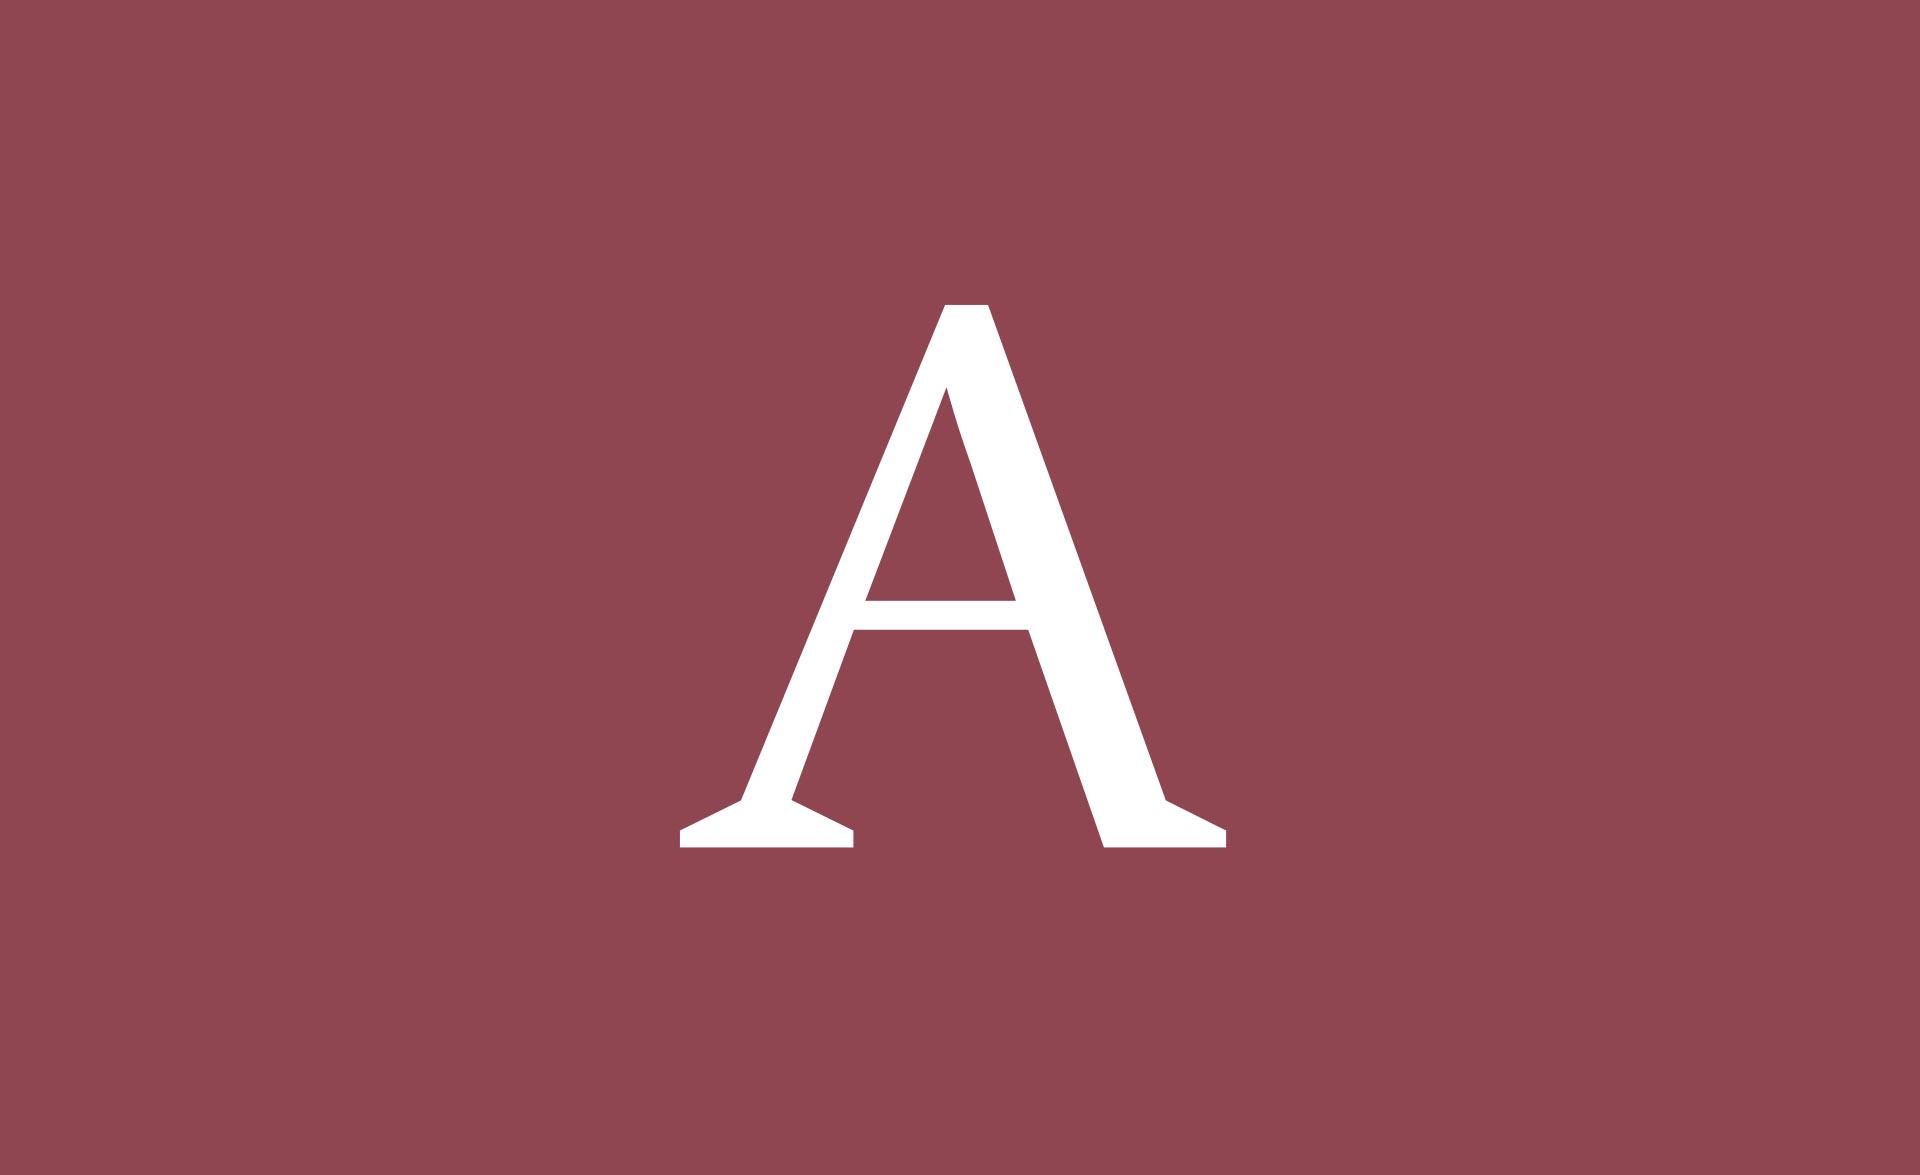 sall-hyman-logo-detail-2.jpg